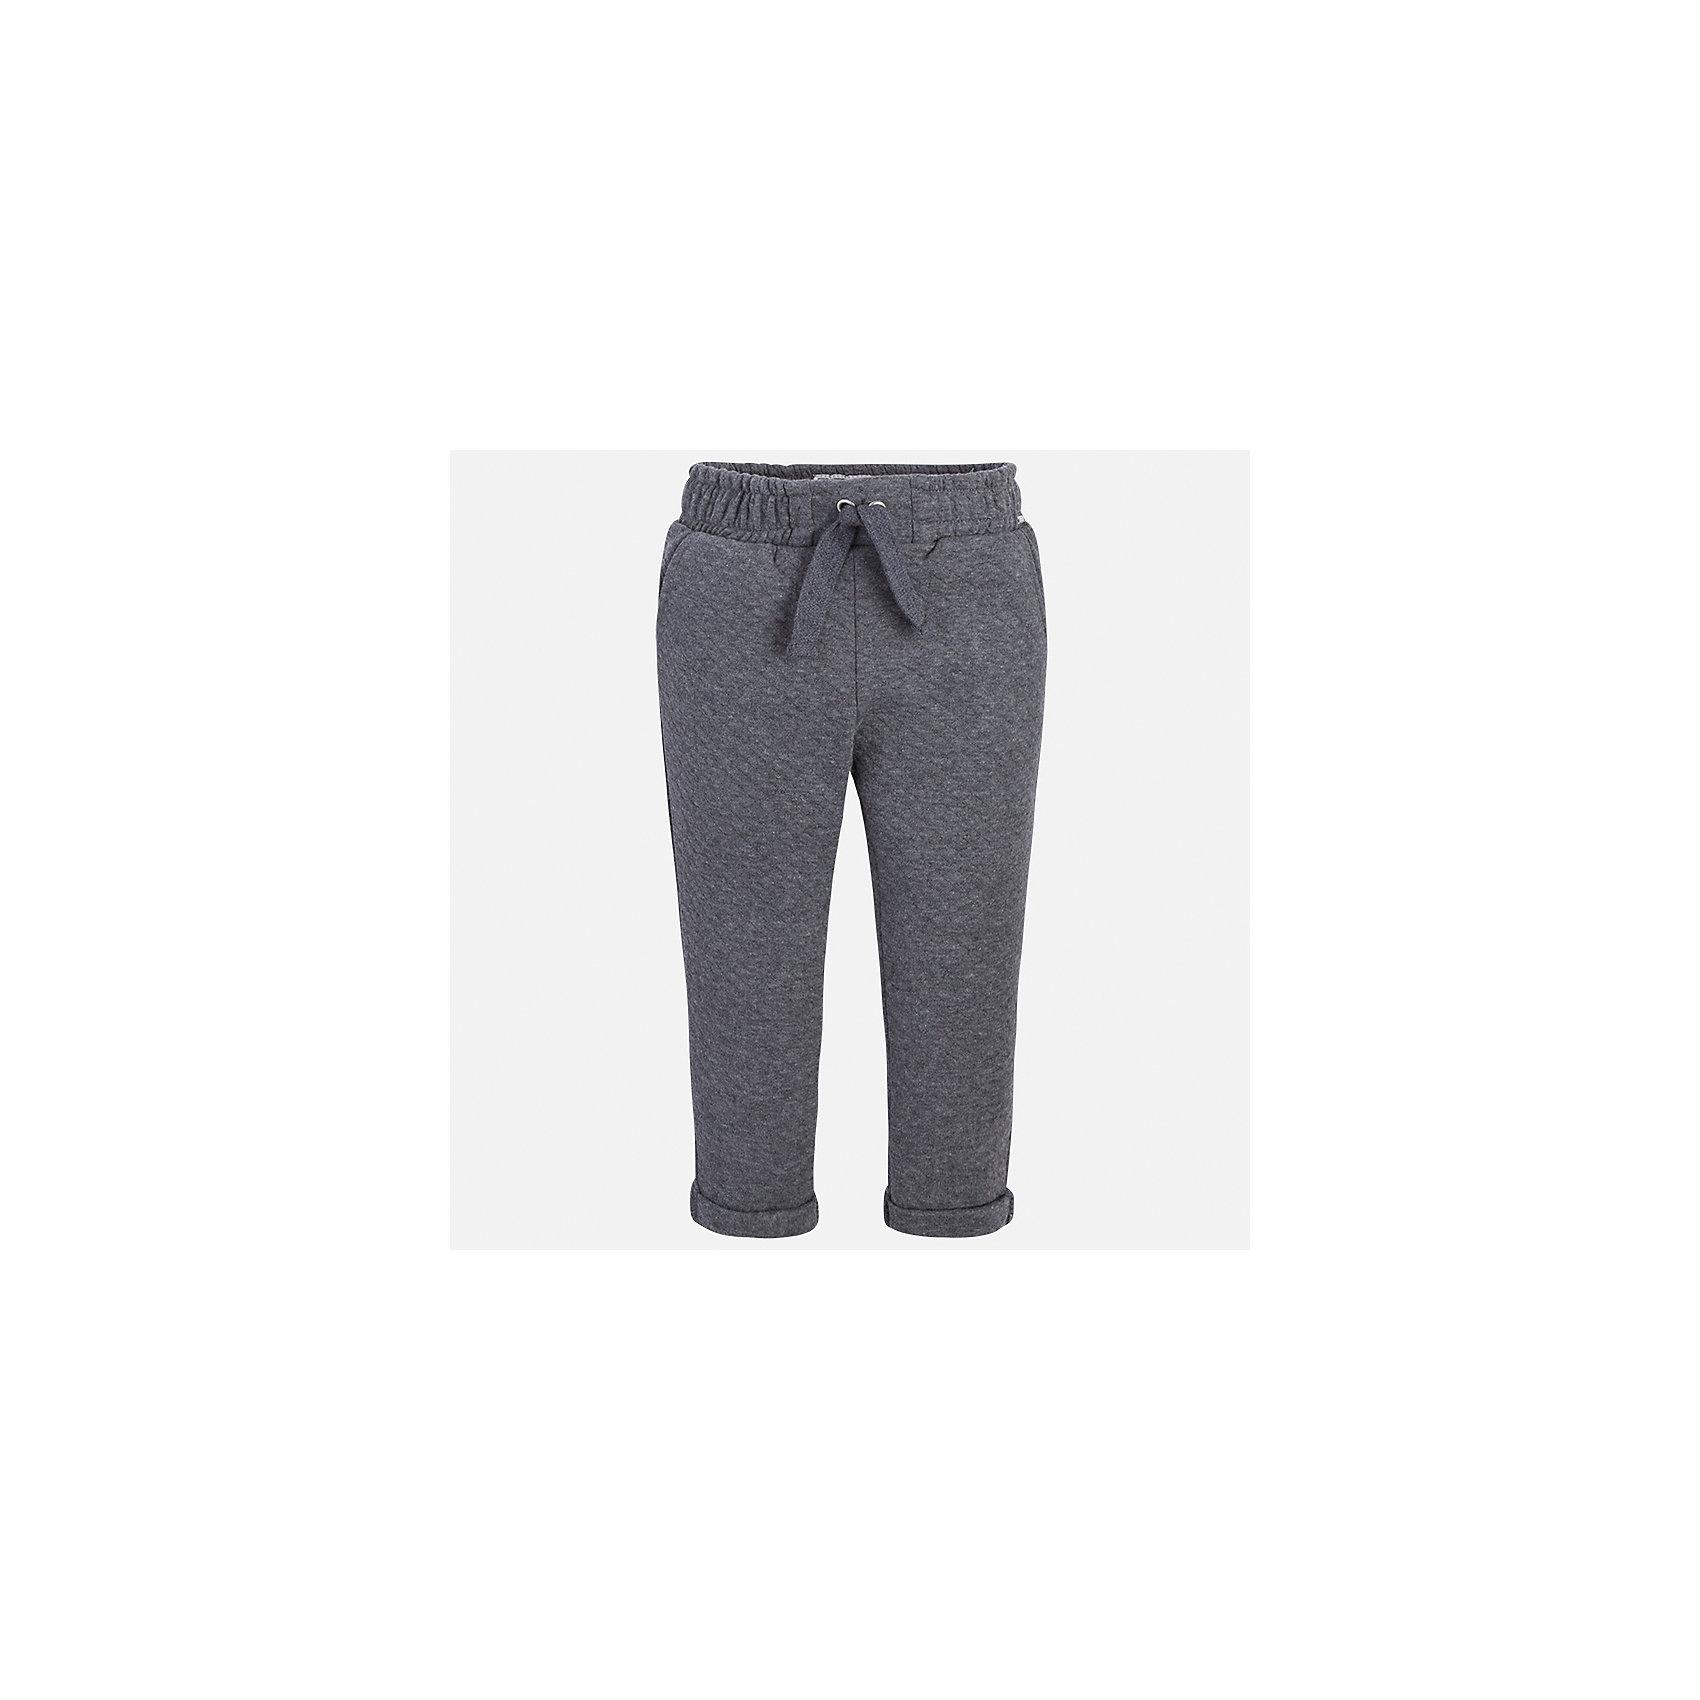 Брюки для девочки MayoralБрюки<br>Характеристики товара:<br><br>• цвет: серый<br>• состав ткани: 86% хлопок, 14% полиэстер<br>• сезон: демисезон<br>• особенности модели: отвороты<br>• пояс: резинка и шнурок<br>• страна бренда: Испания<br>• страна изготовитель: Индия<br><br>Модные брюки для девочки от Майорал помогут обеспечить ребенку комфорт. Такие детские брюки отличаются лаконичным дизайном. В брюках классического силуэта для девочки от испанской компании Майорал ребенок будет выглядеть модно, а чувствовать себя - комфортно. <br><br>Брюки для девочки Mayoral (Майорал) можно купить в нашем интернет-магазине.<br><br>Ширина мм: 215<br>Глубина мм: 88<br>Высота мм: 191<br>Вес г: 336<br>Цвет: серый<br>Возраст от месяцев: 24<br>Возраст до месяцев: 36<br>Пол: Женский<br>Возраст: Детский<br>Размер: 98,134,128,122,116,110,104<br>SKU: 6945037